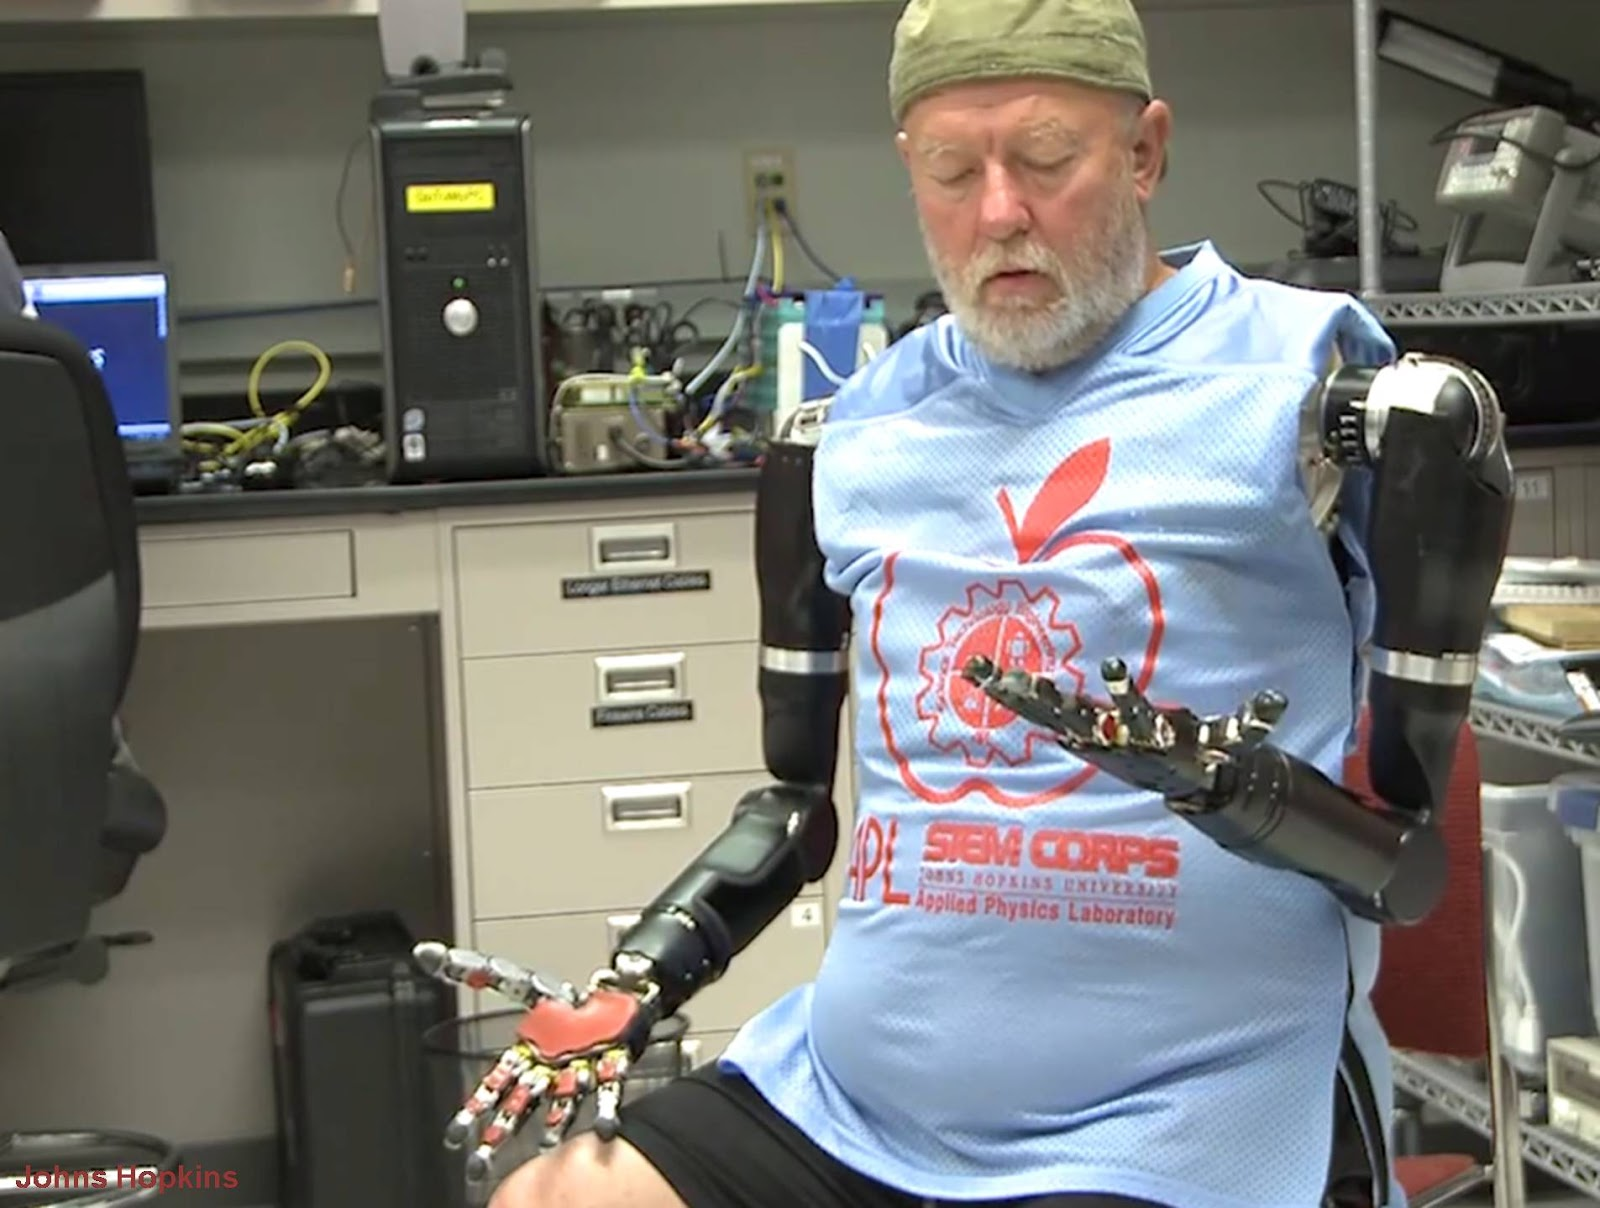 أول شخص في العالم يتحكم بذراعيه الآليتين عن طريق التفكير